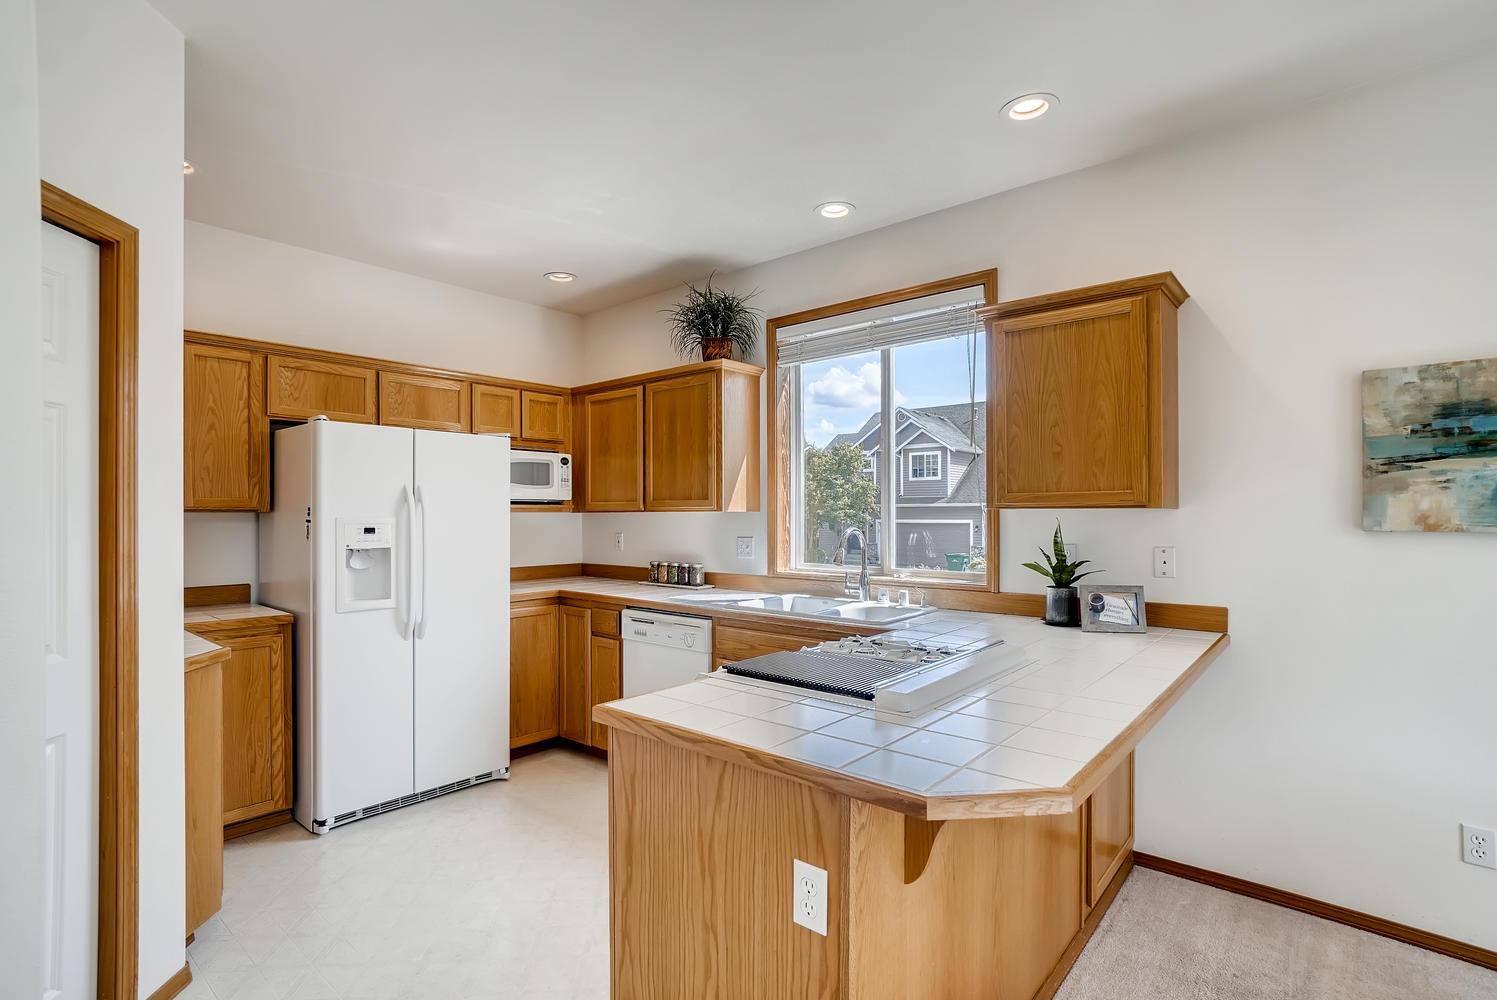 23232 9th Place W Bothell WA-large-012-003-Kitchen-1497x1000-72dpi.jpg